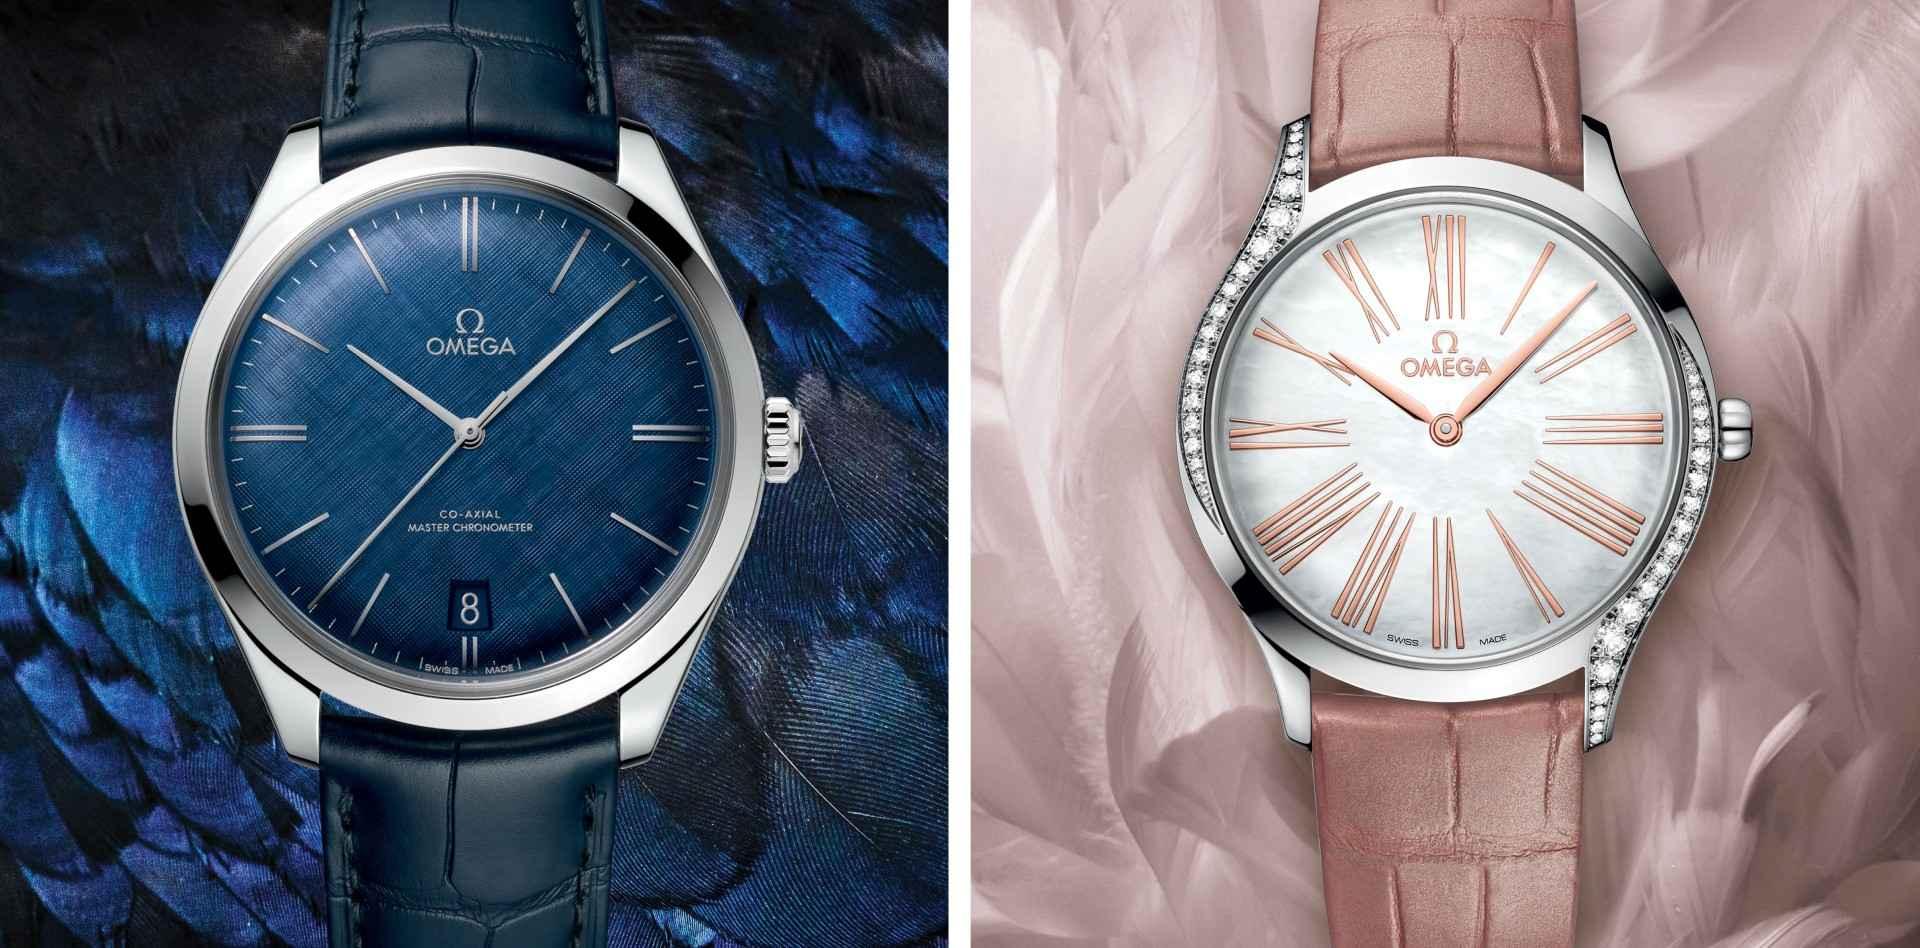 愛.迎風翱翔:歐米茄碟飛Trésor 36毫米腕錶與藍色碟飛Trésor 40毫米腕錶